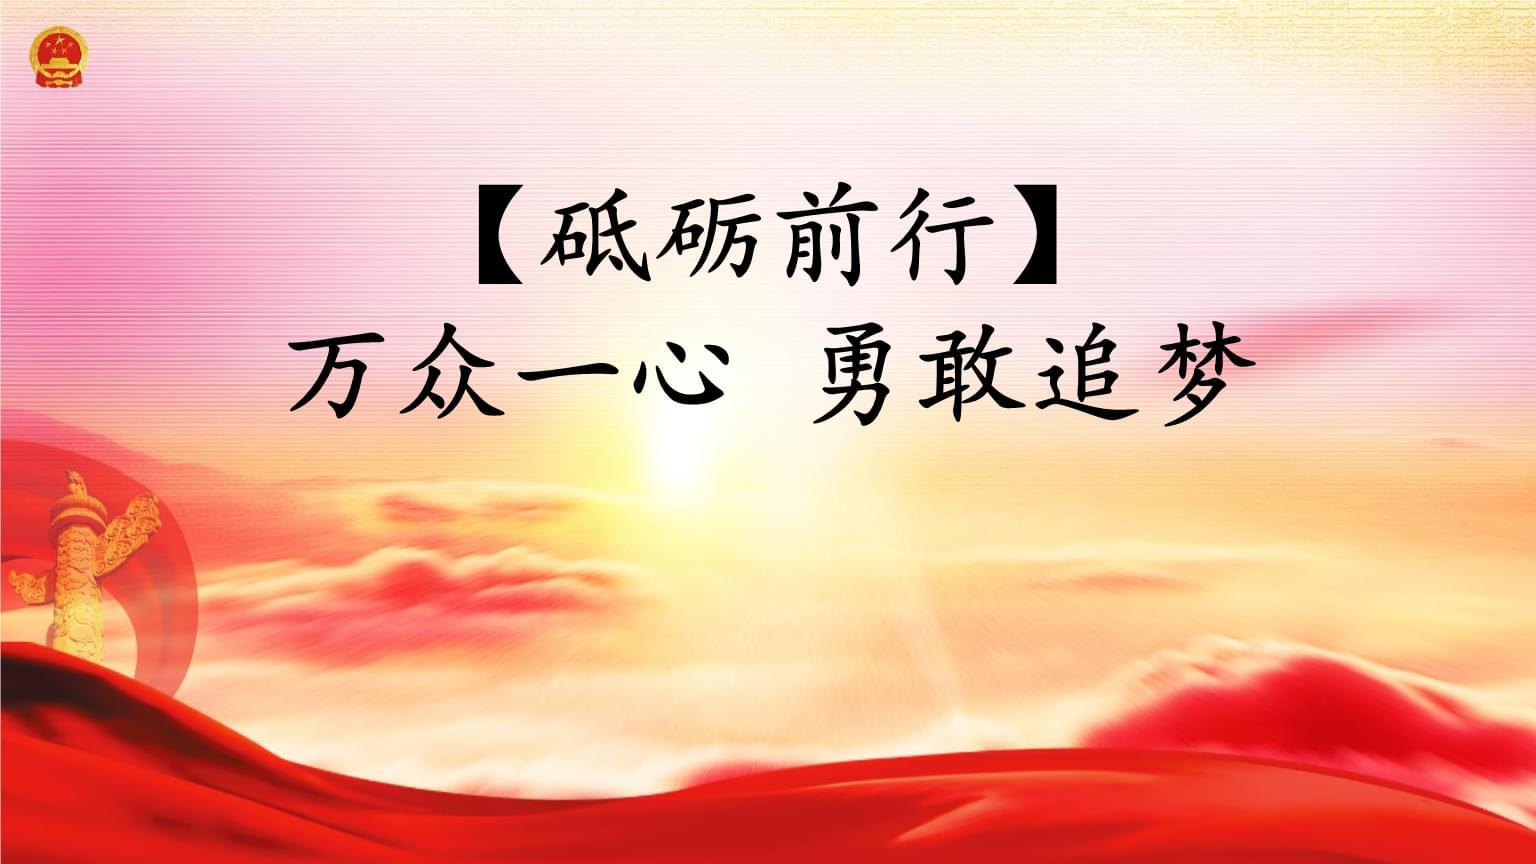 守初心担使命找差距抓落实模板党政党建党课.pptx